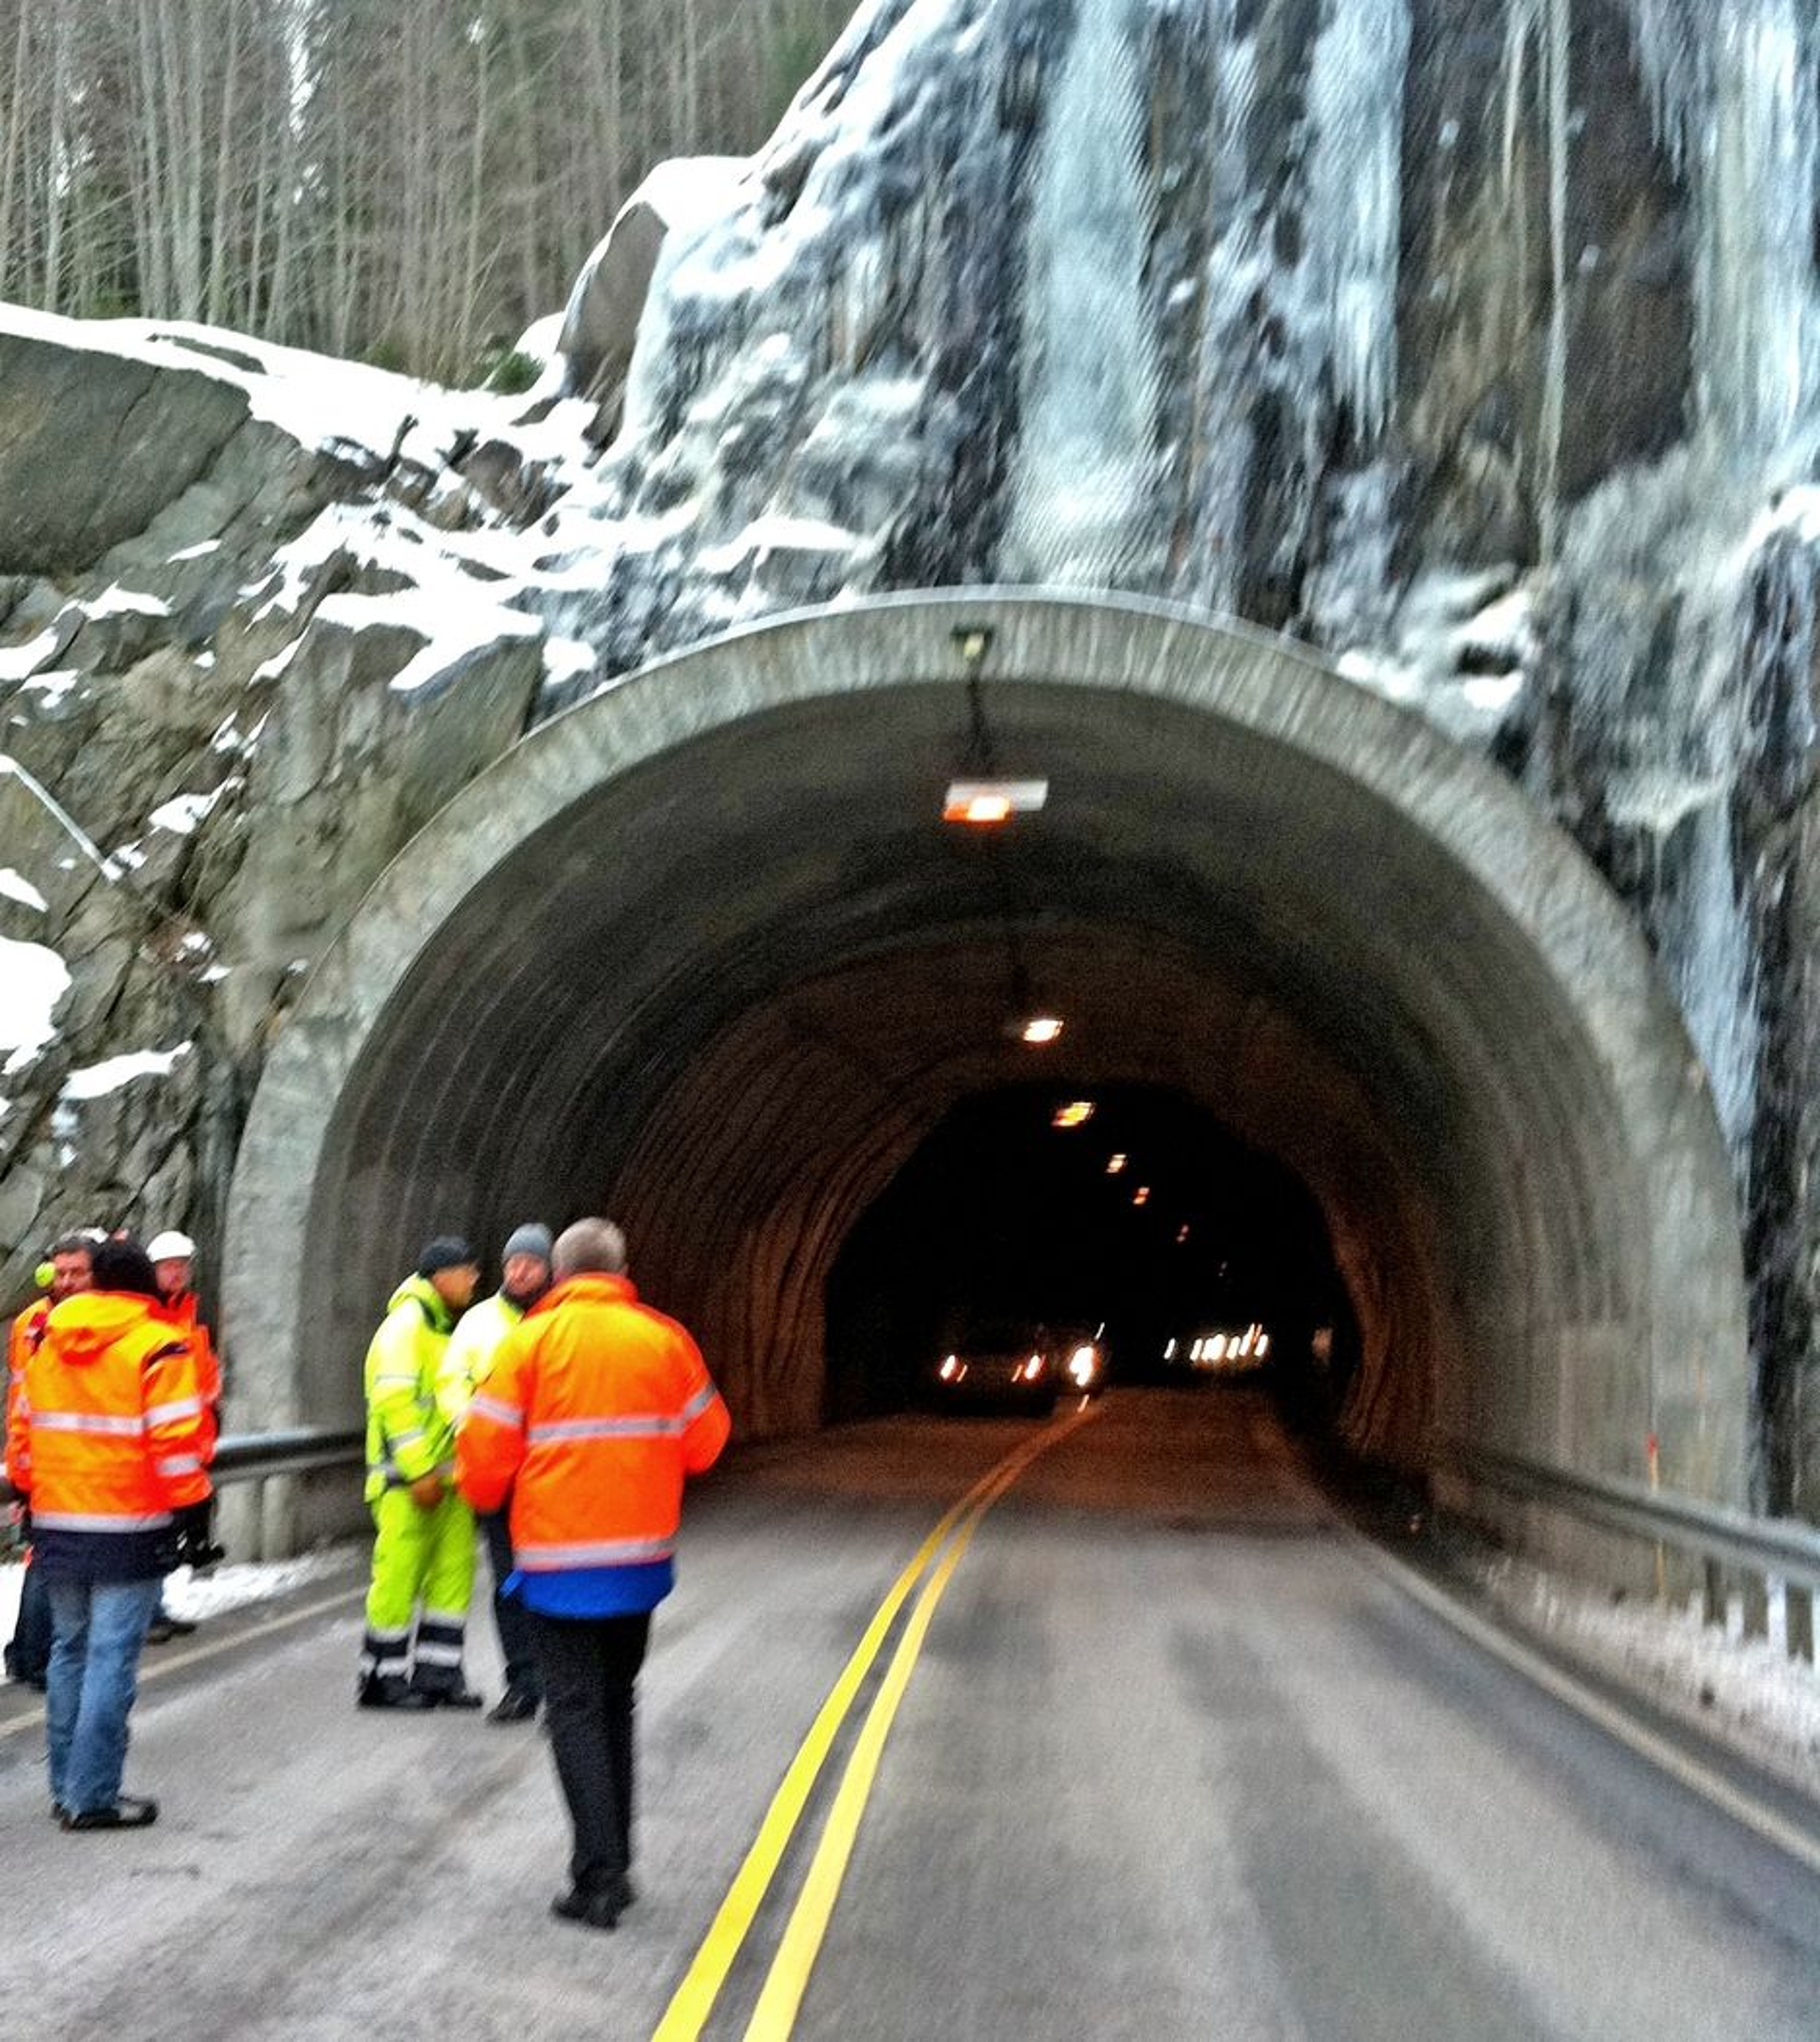 Dette er nordre portal på Jønjiljotunnelen, som skal forlenges med 20 meter. Mesta får kontrakten på oppgradering av denne tunnelen og Presturatunnelen hvis det ikke blir oppdaget grove regnefeil eller uakseptable forbehold.